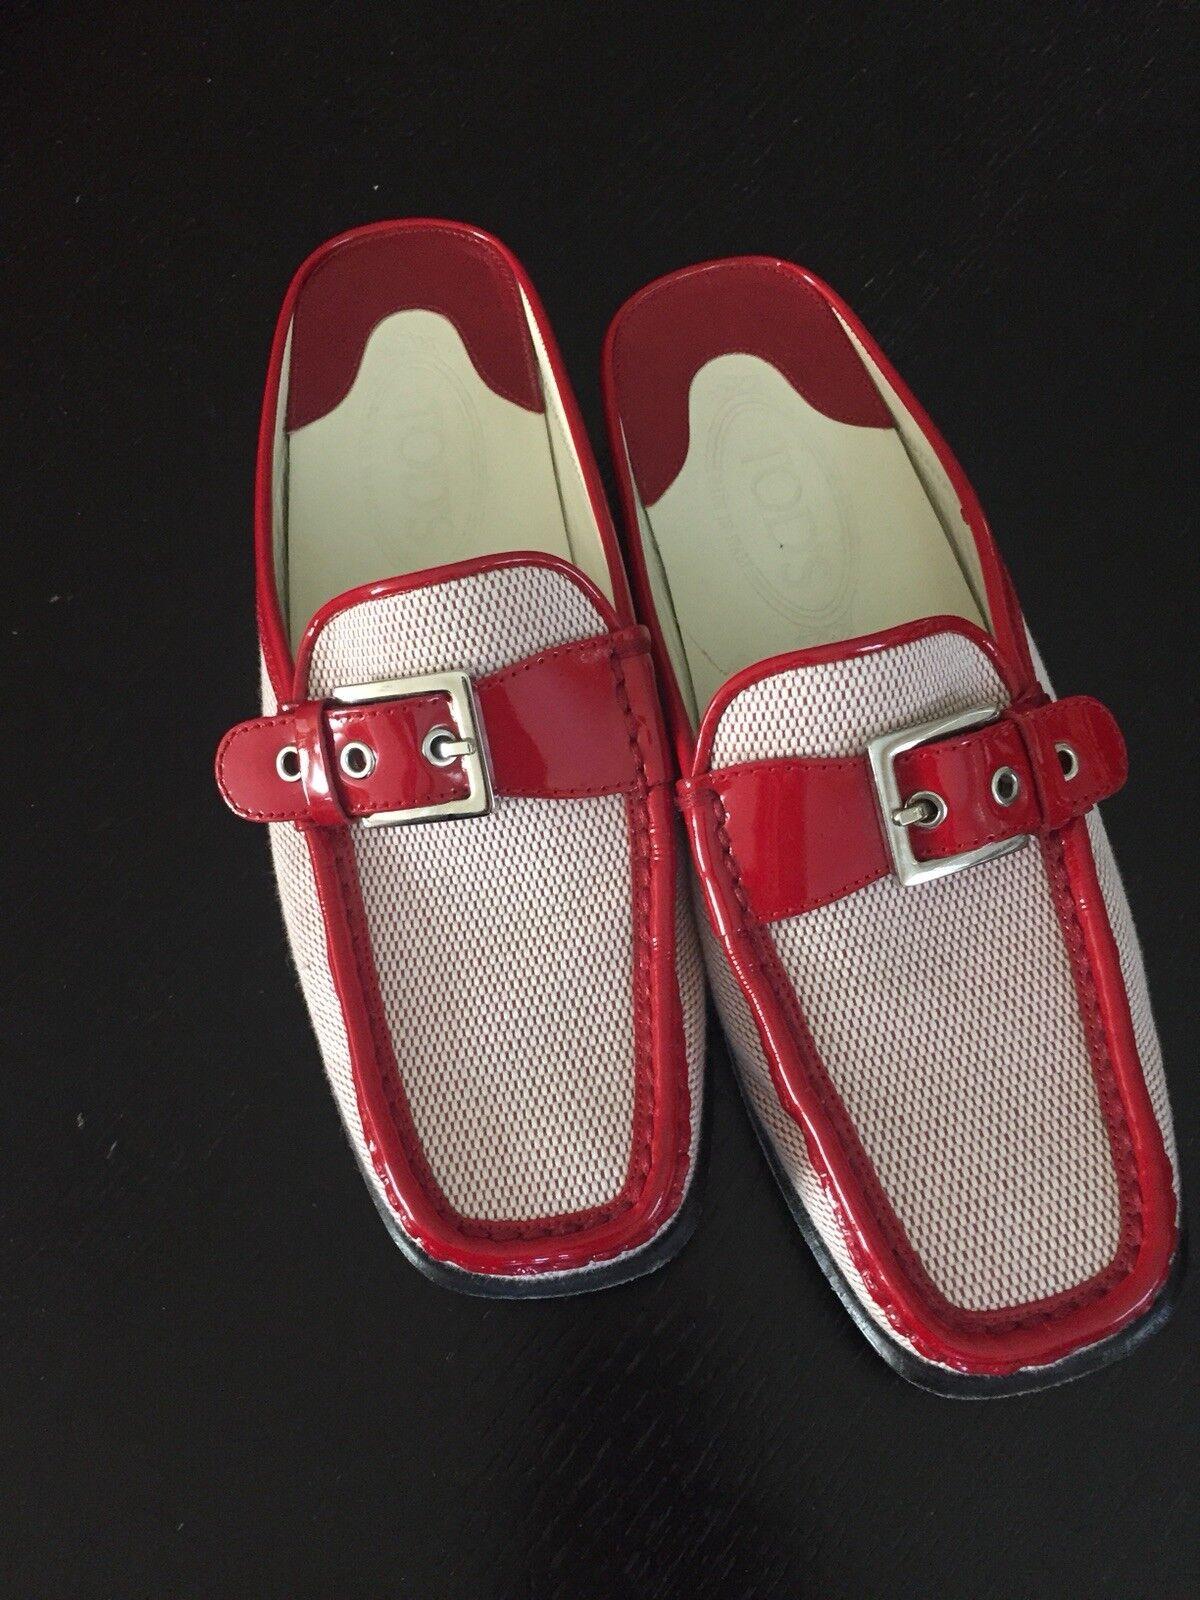 Tod'S Mujer Rojo mulas Slip Ons Pantuflas Zapatos Planos Tamaño Tamaño Tamaño 7 Hecho en Italia  los nuevos estilos calientes